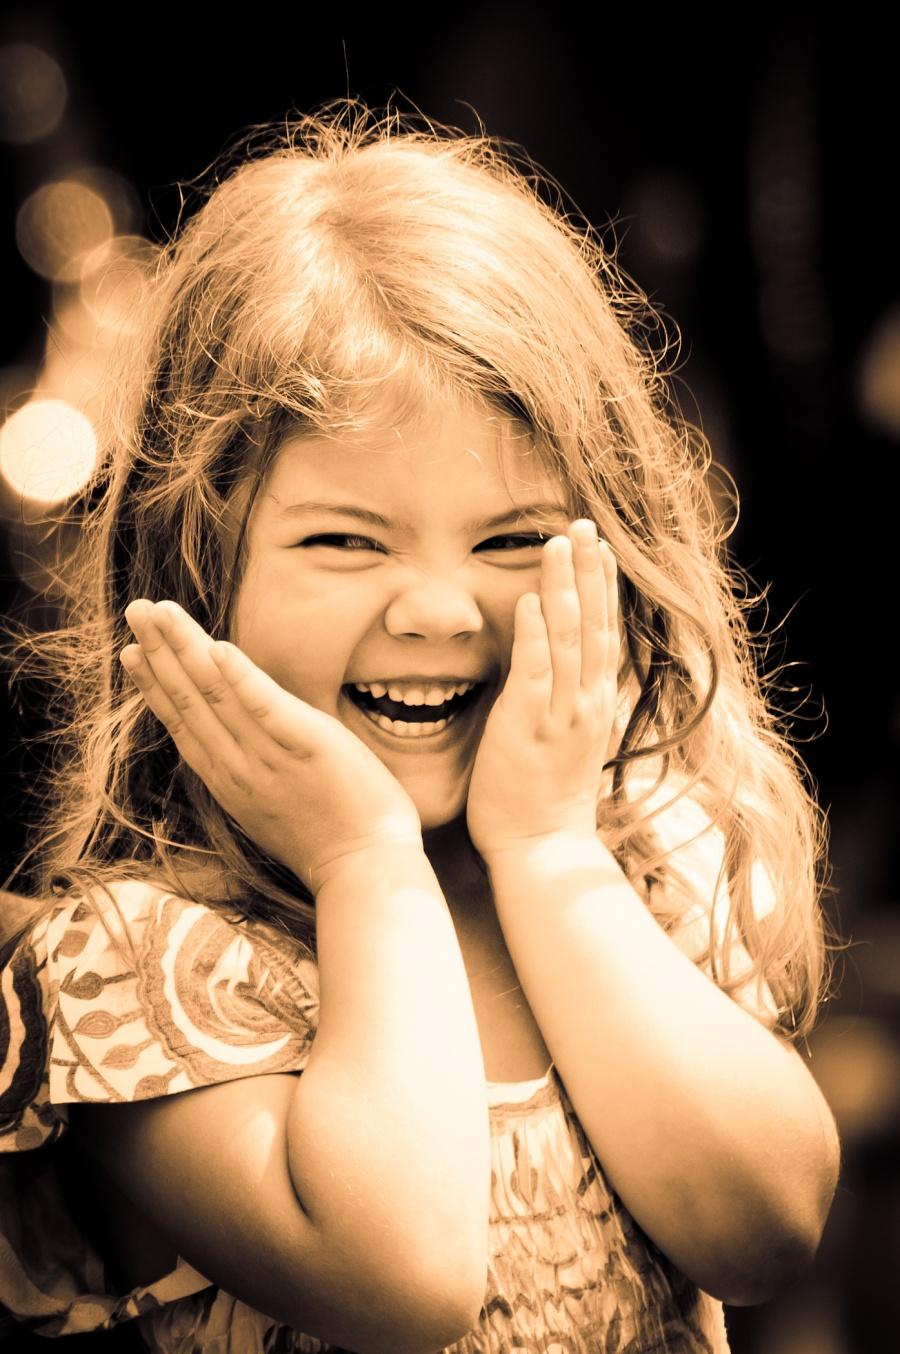 15 фотографий с самыми солнечными улыбками